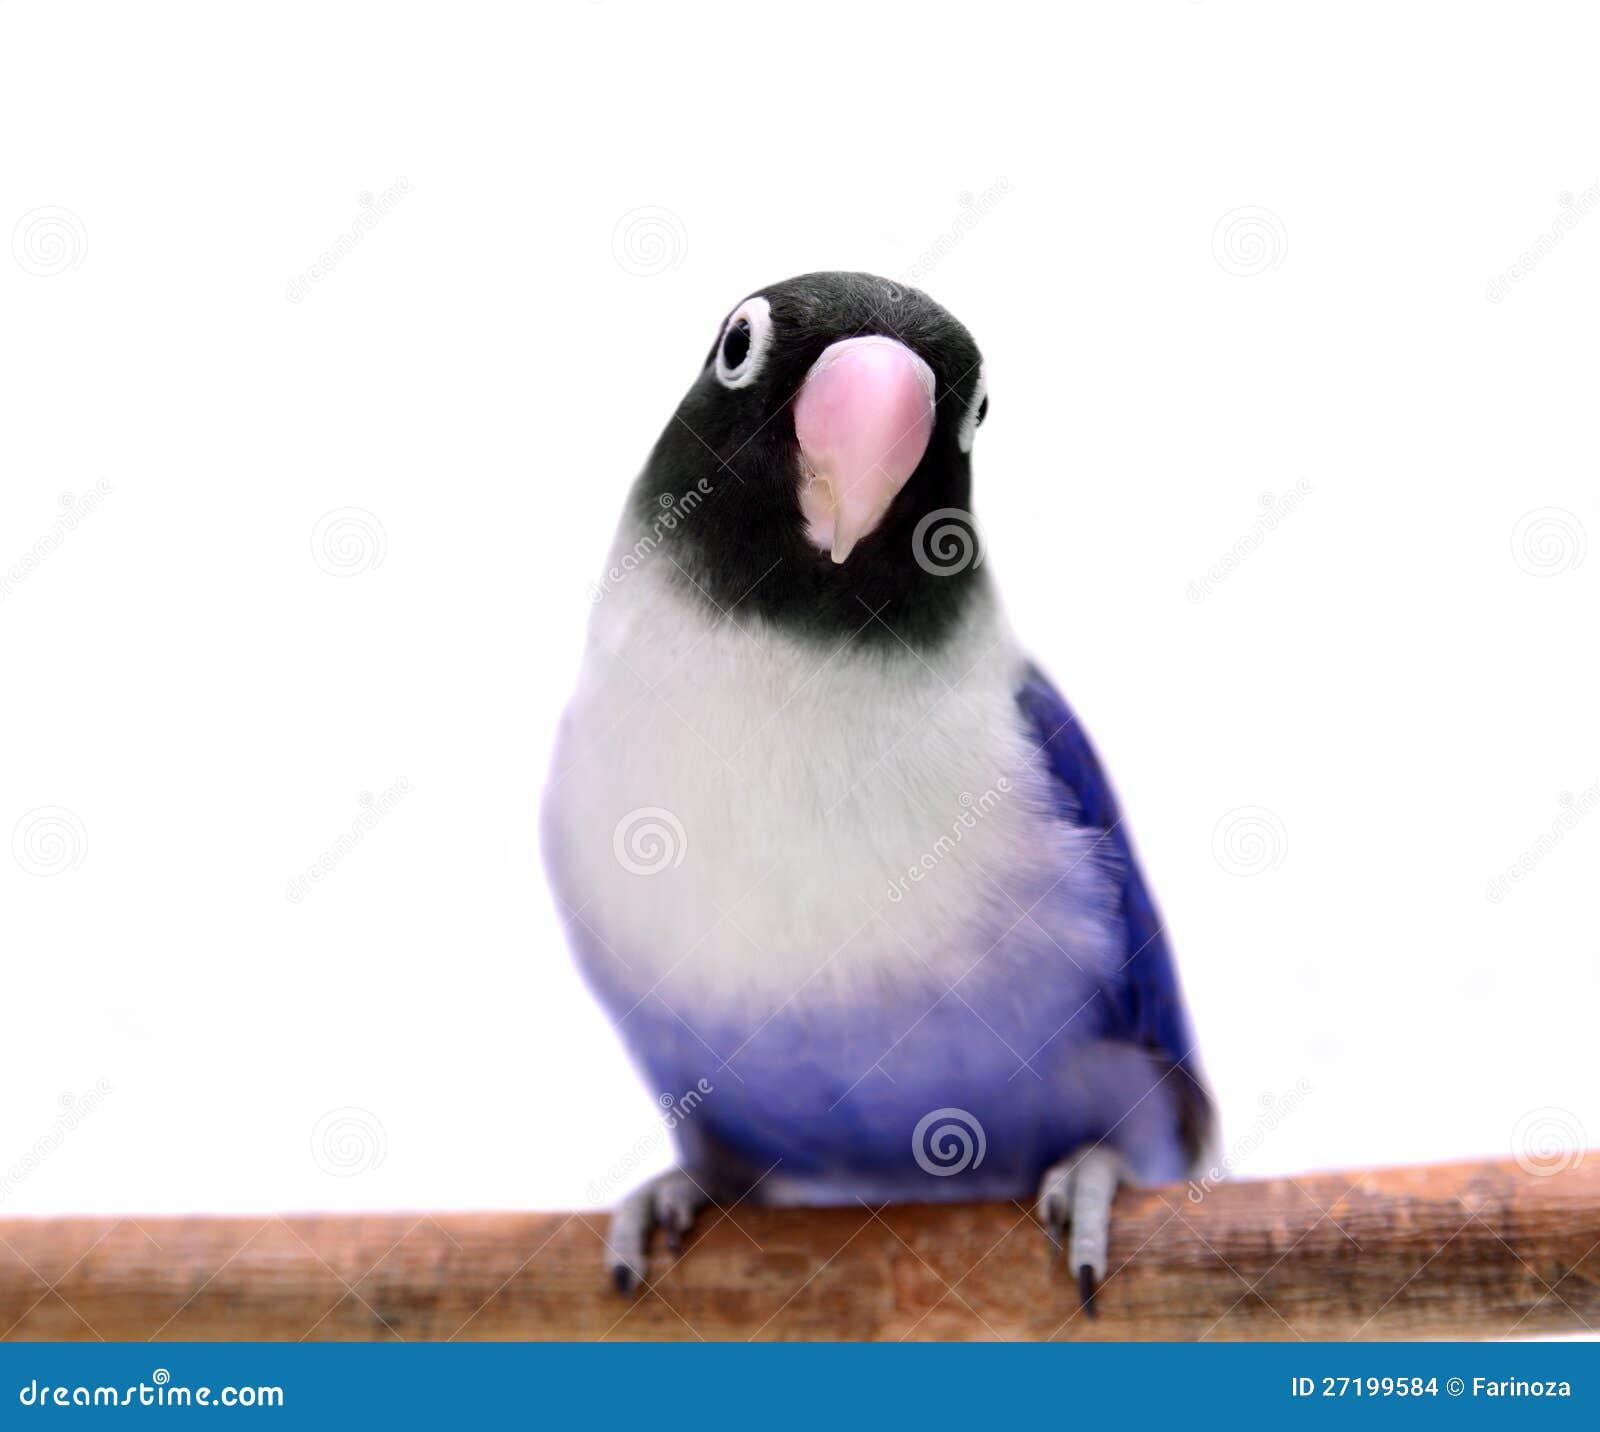 More similar st... Violet Masked Lovebird